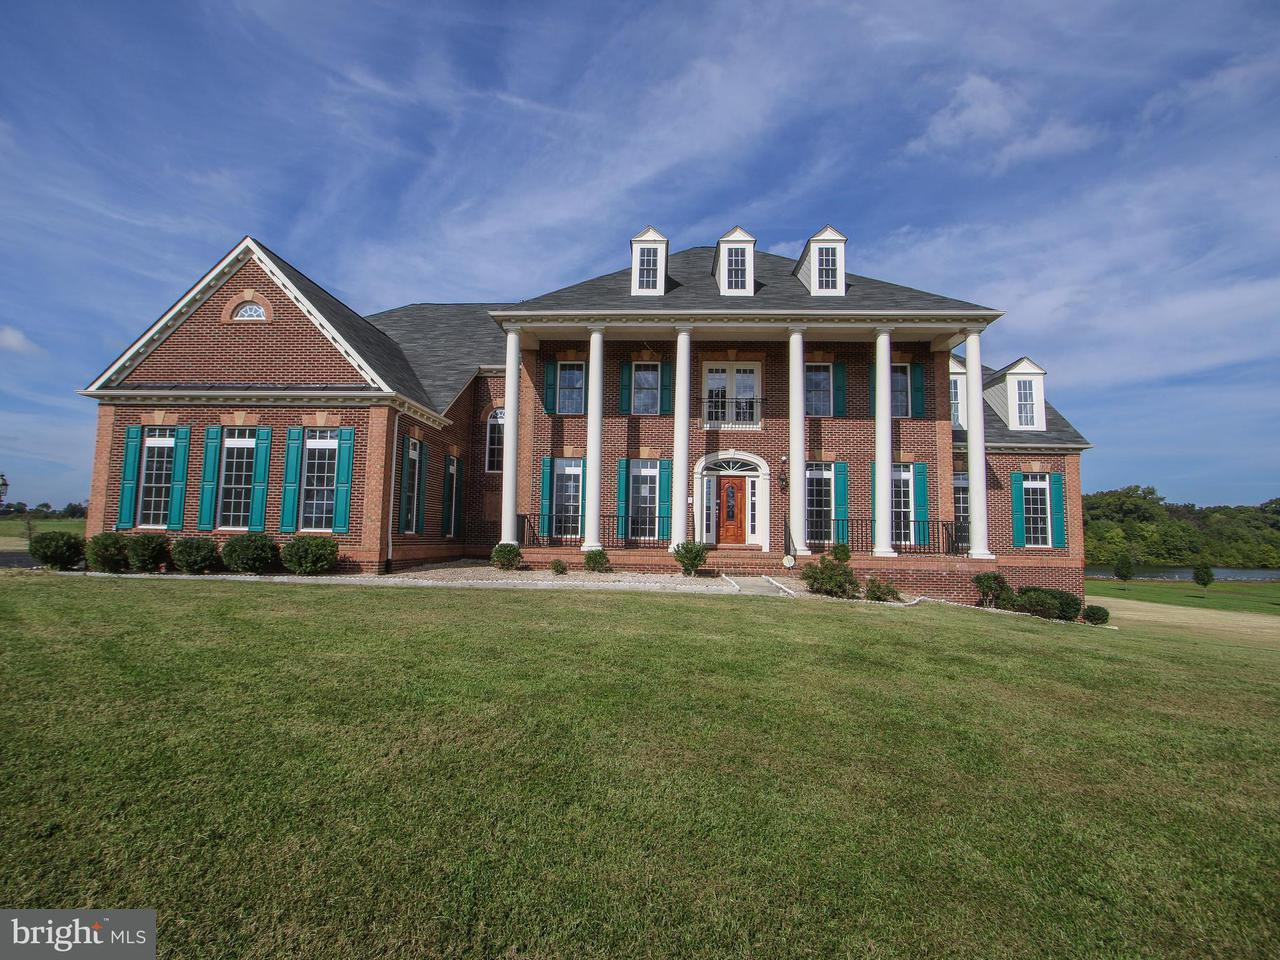 獨棟家庭住宅 為 出售 在 14330 Trotters Ridge Place 14330 Trotters Ridge Place Nokesville, 弗吉尼亞州 20181 美國